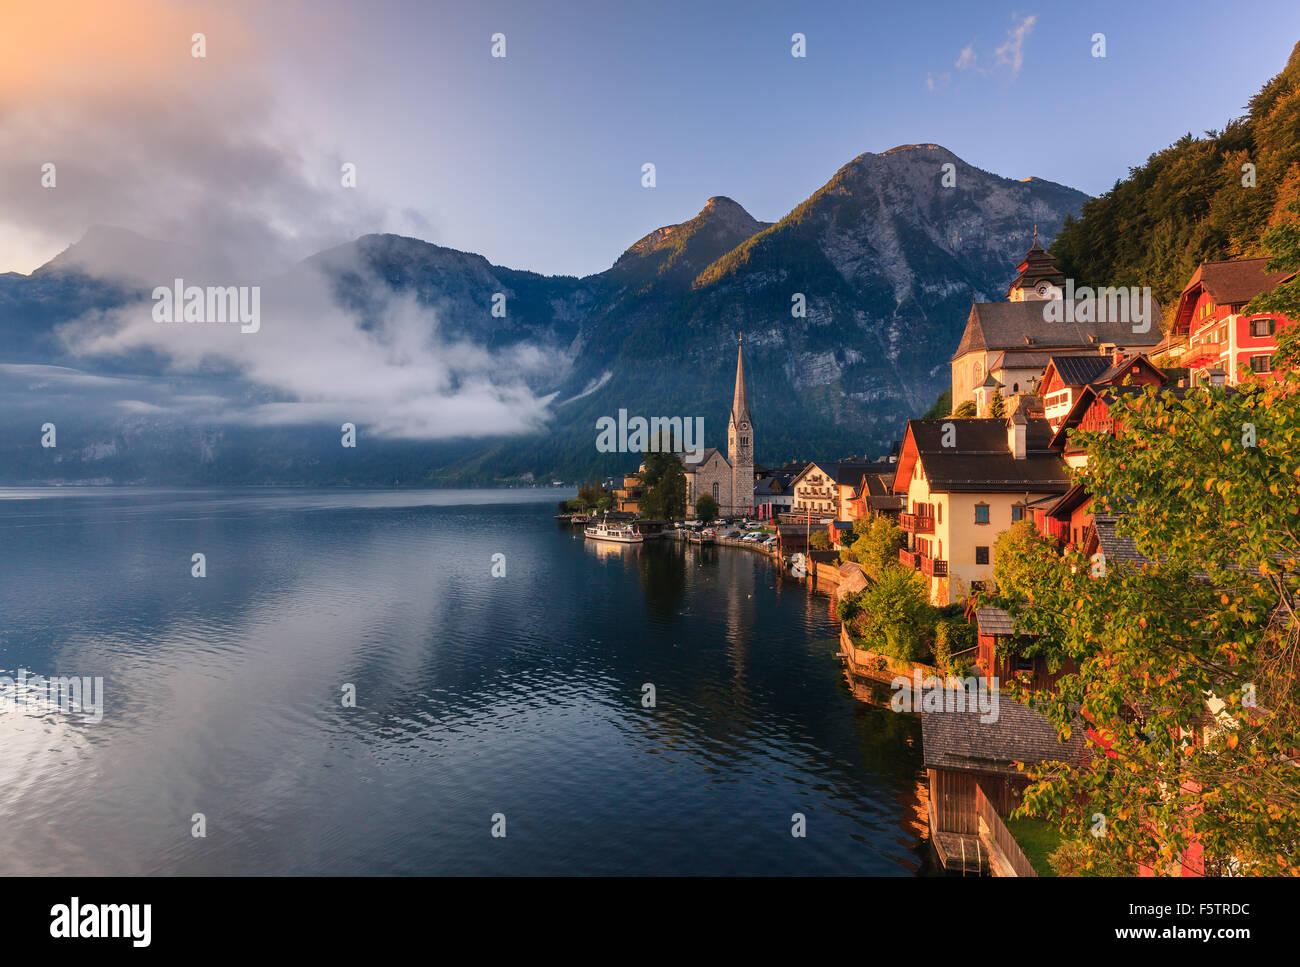 Sunrise di Hallstatt, in Austria Superiore è un villaggio nella regione del Salzkammergut, una regione in Austria. Immagini Stock